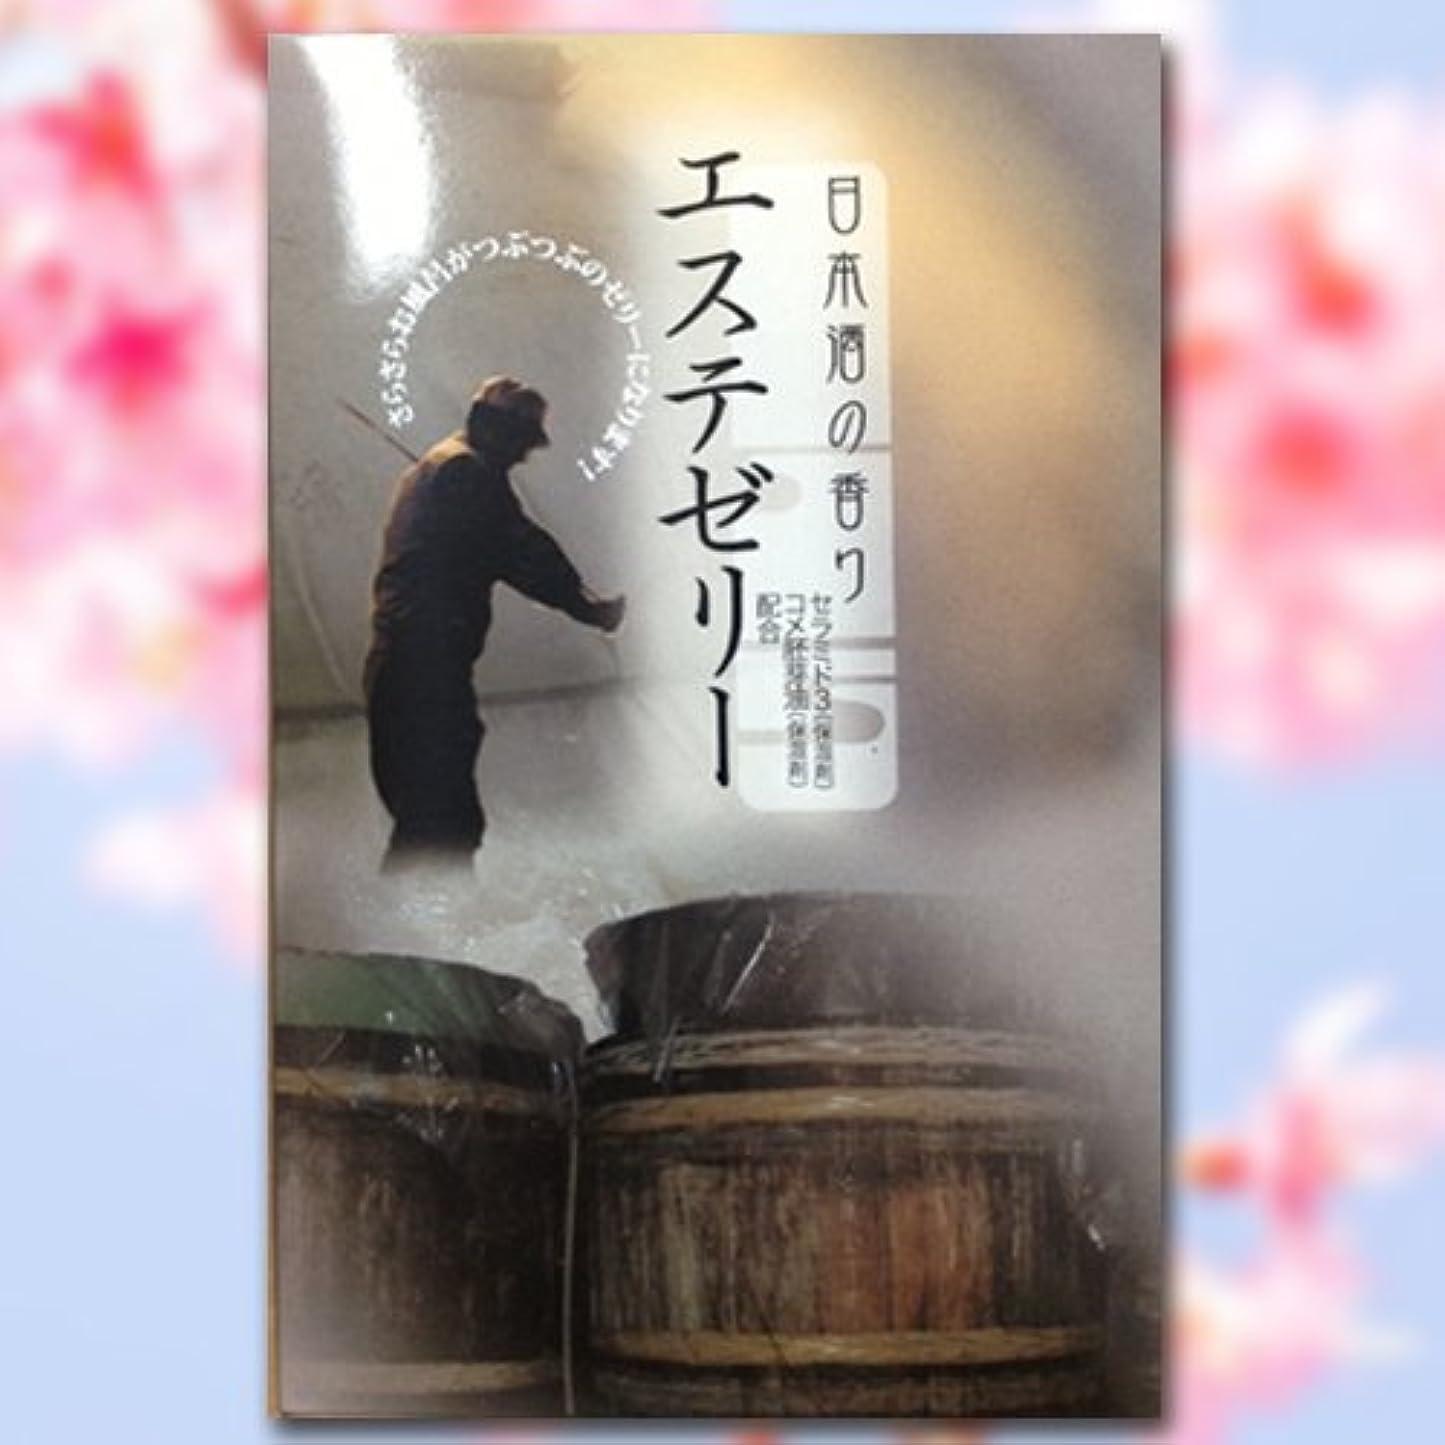 【2個セット】Esthe Jelly エステゼリー 日本酒の香り (入浴剤)